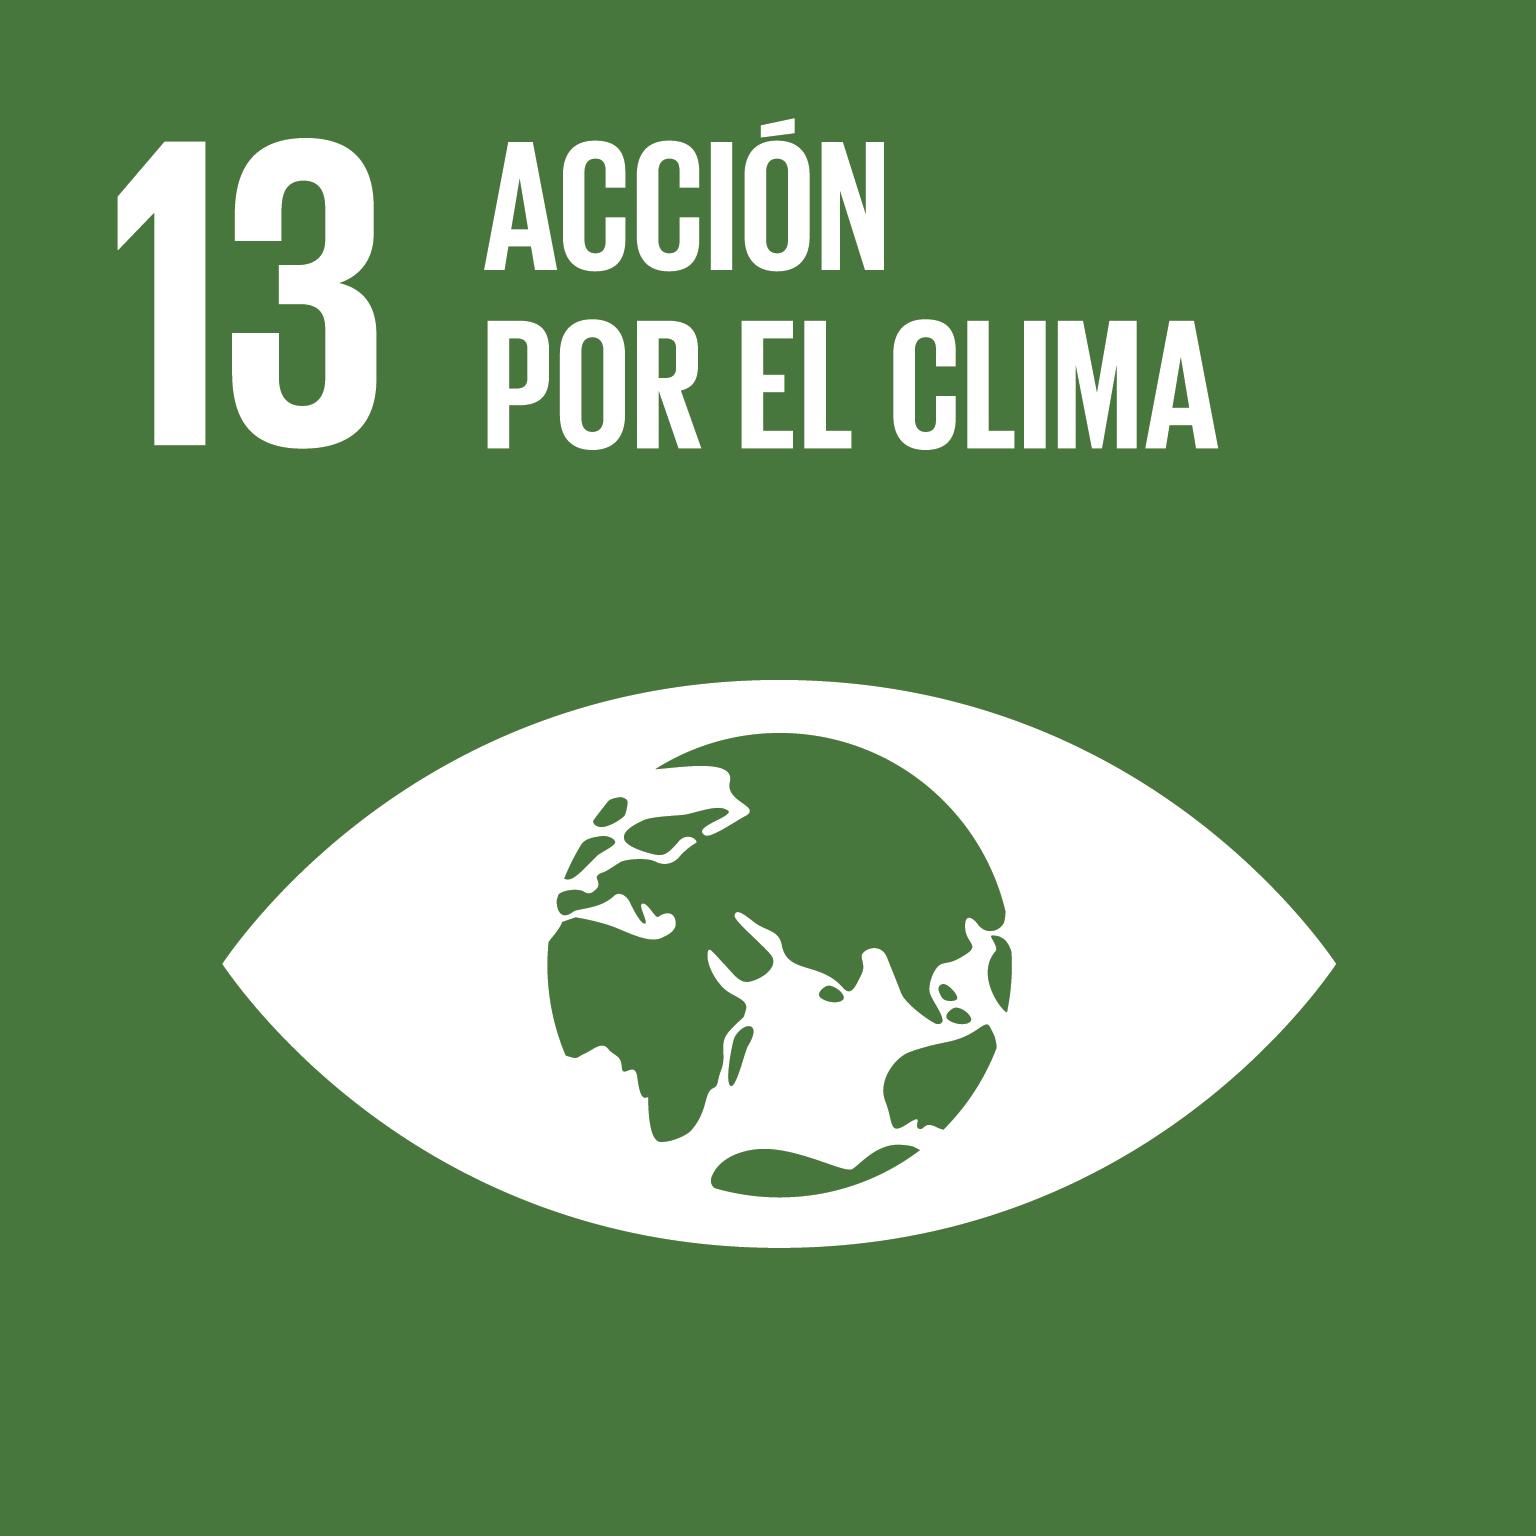 ODS 13. Acción por el clima